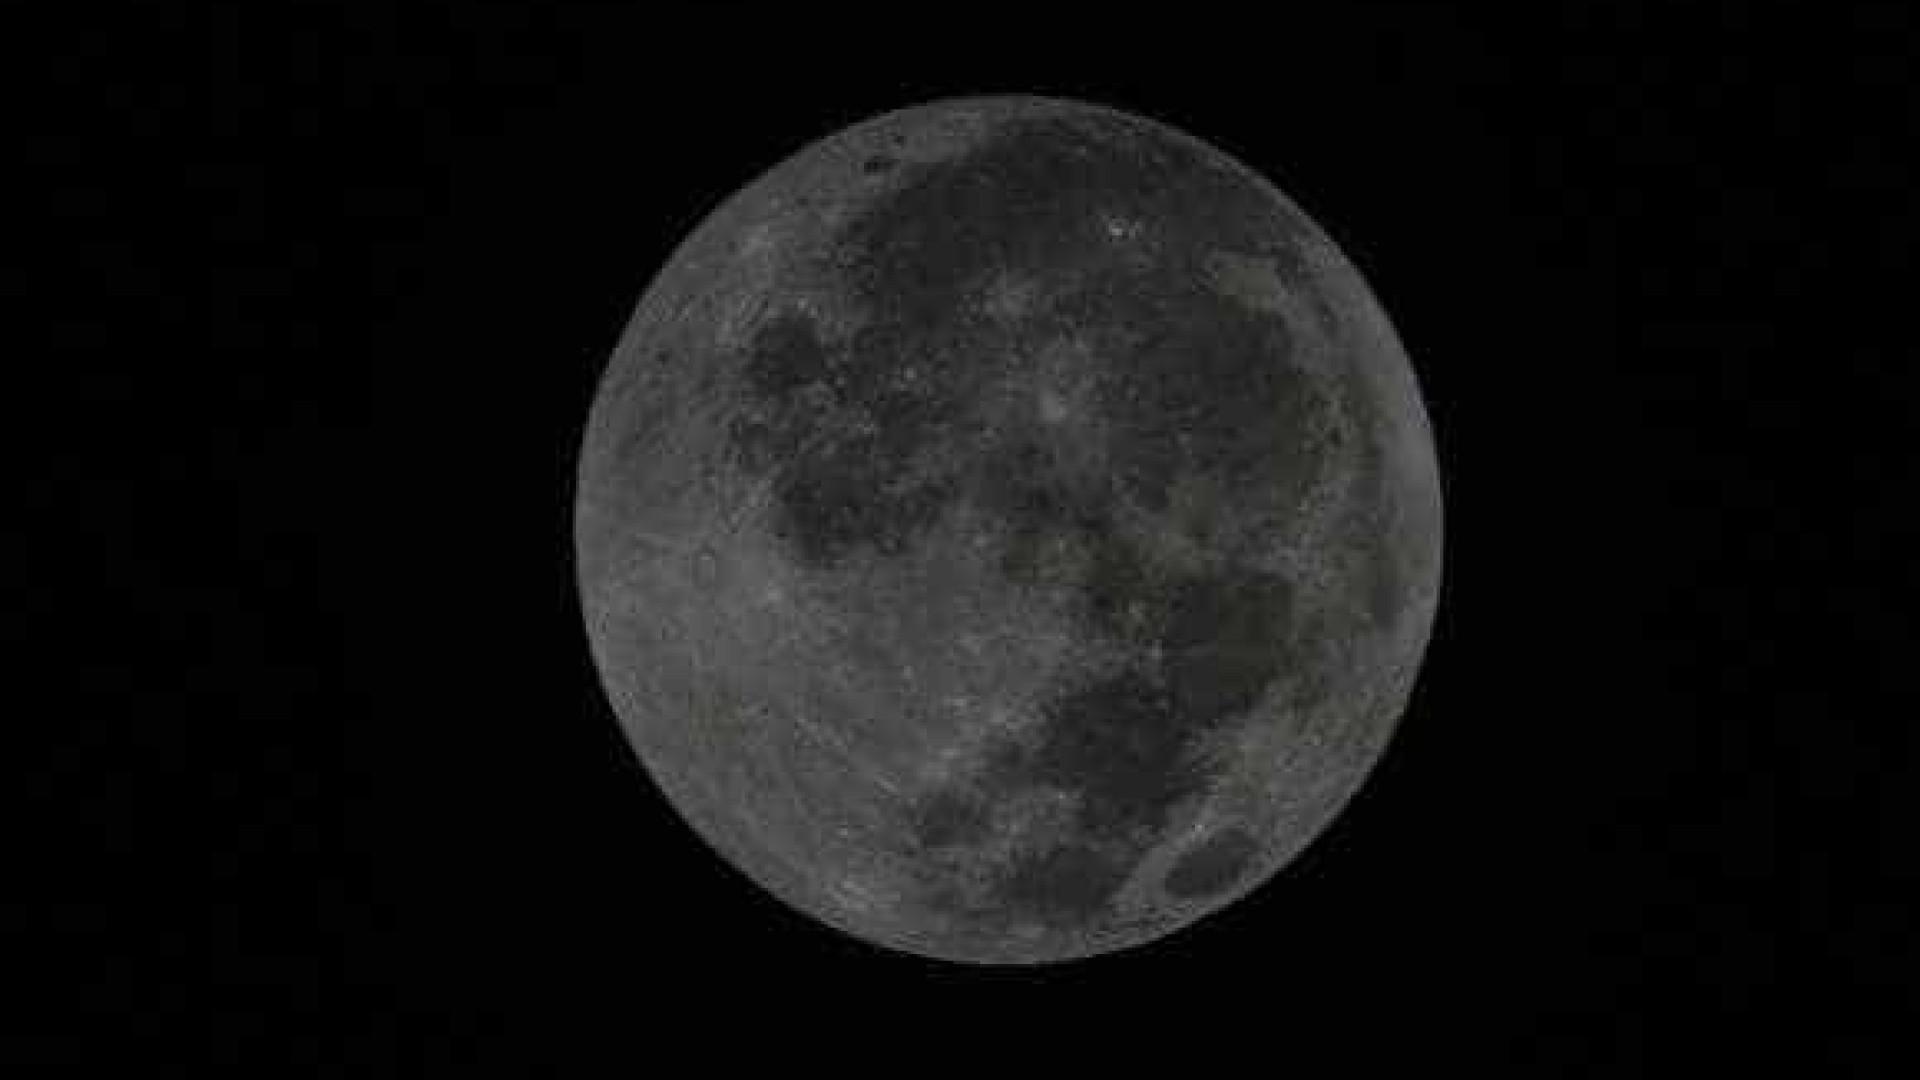 Rússia planeja lançar missão à Lua em 2 anos